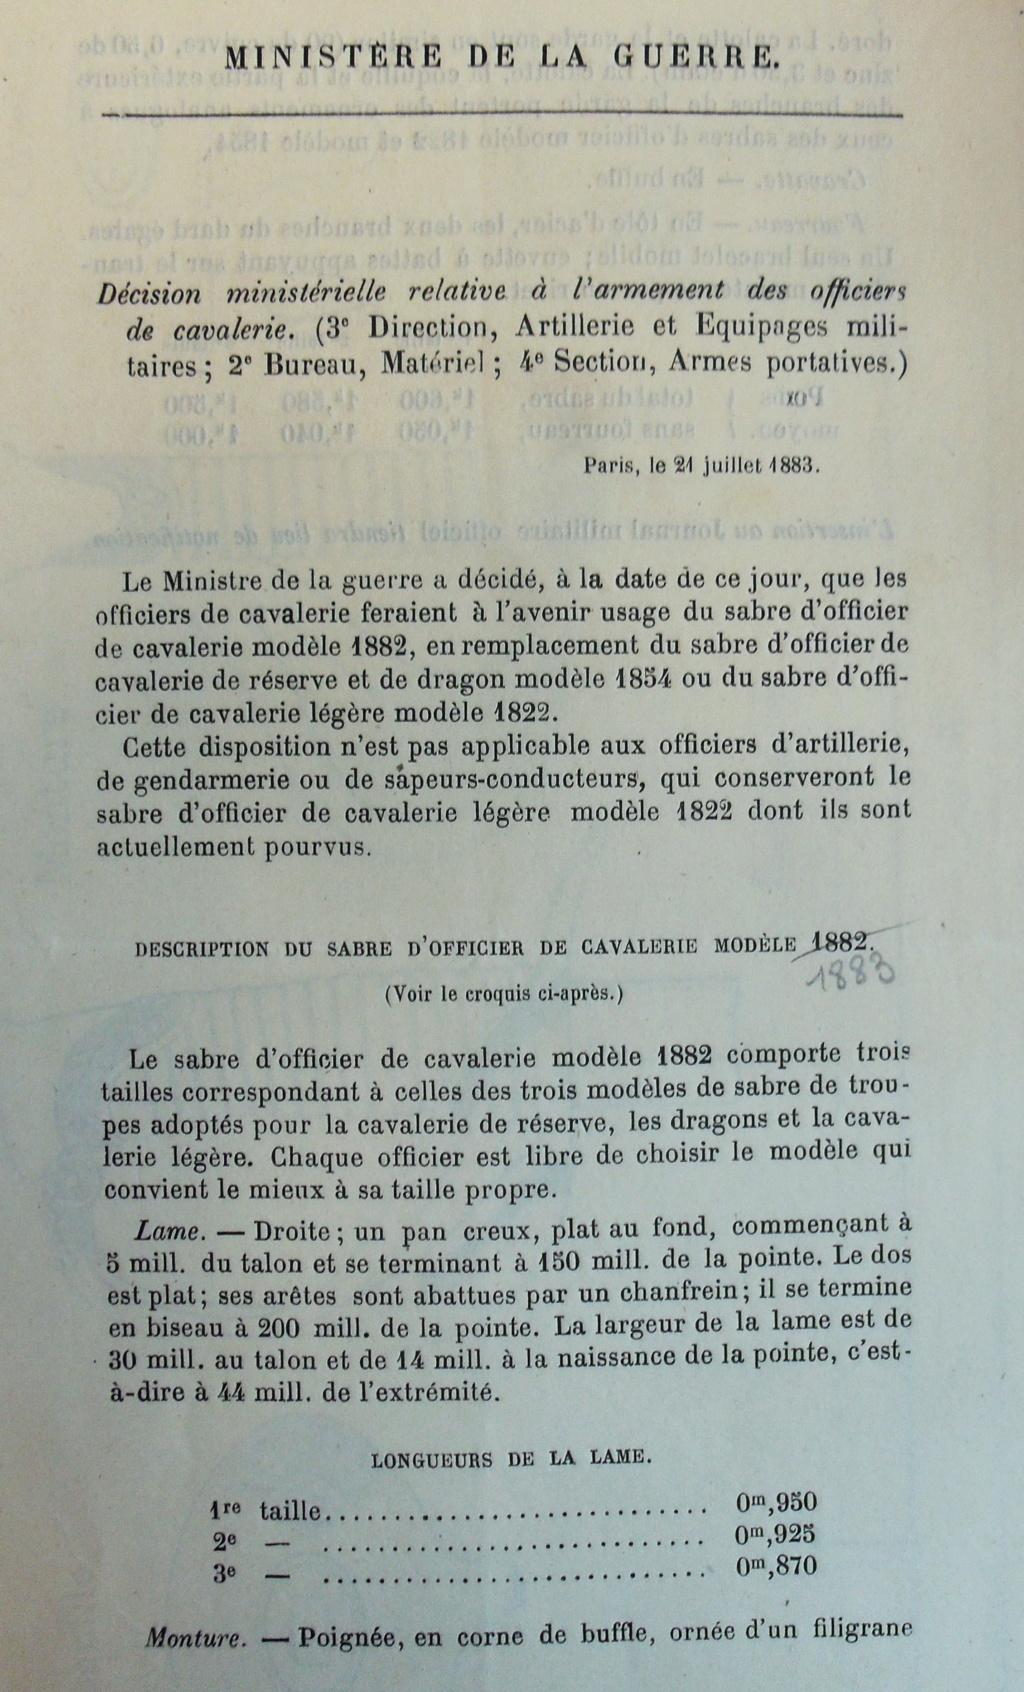 Un modèle injustement mésestimé : le sabre d'officier de cavalerie Mod 1882 Imgp3013